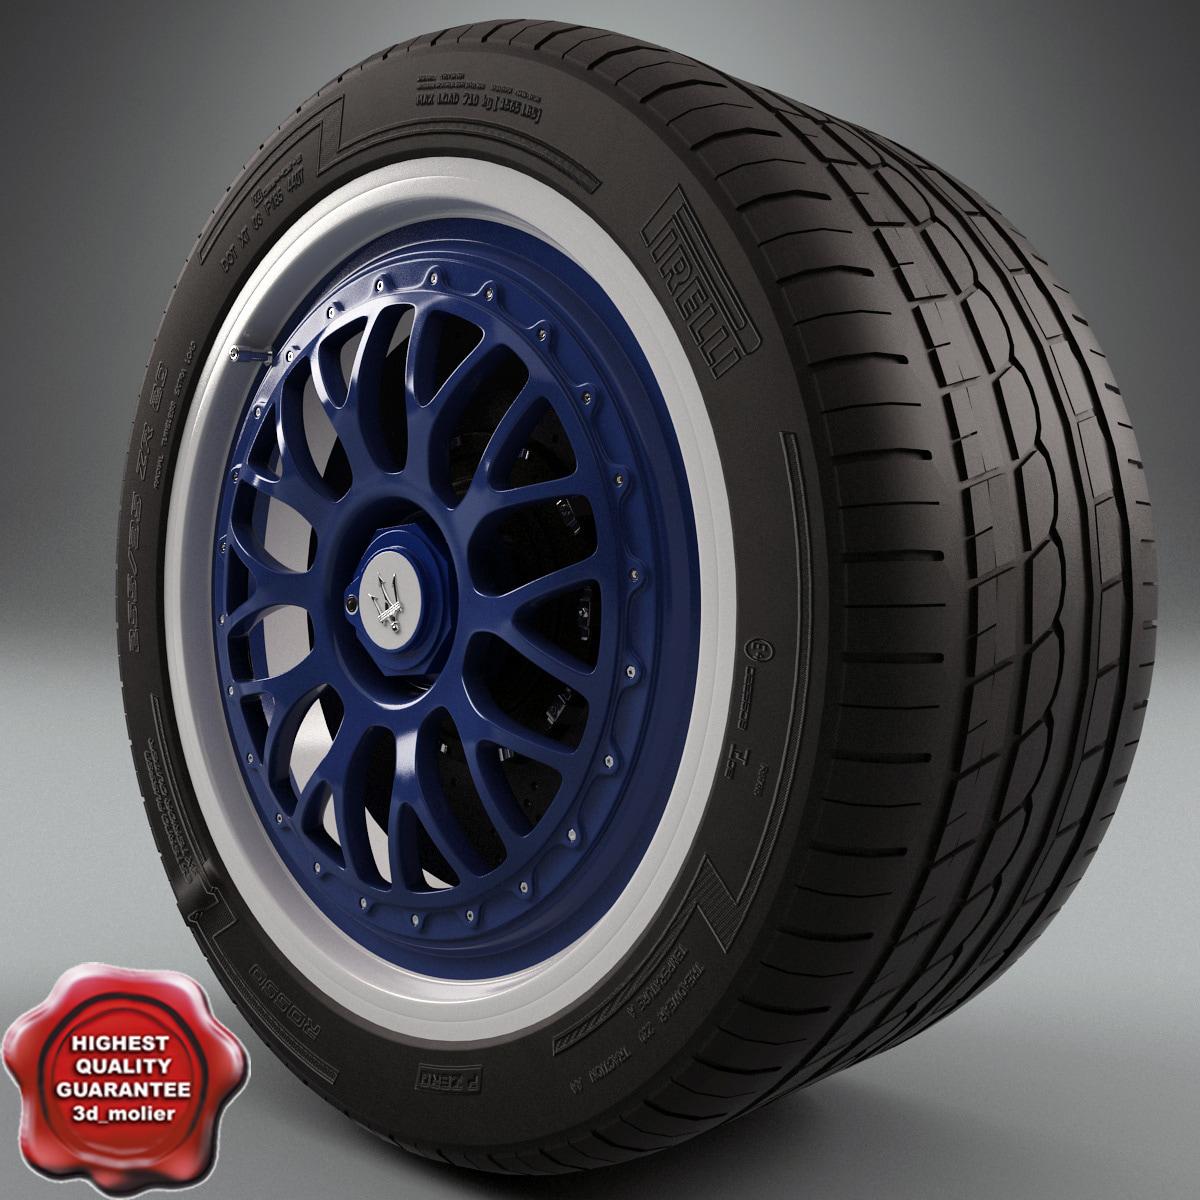 Maserati_Wheel_00.jpg